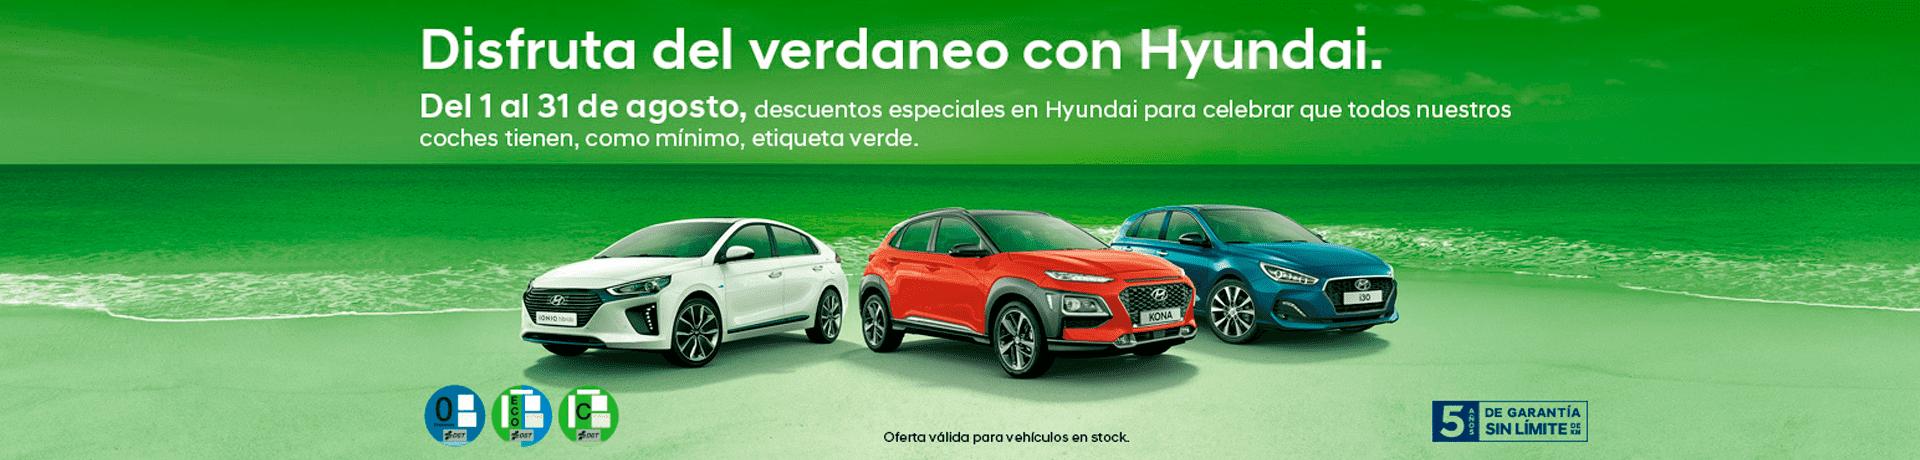 Disfruta del verdaneo en Hyundai Seulcar